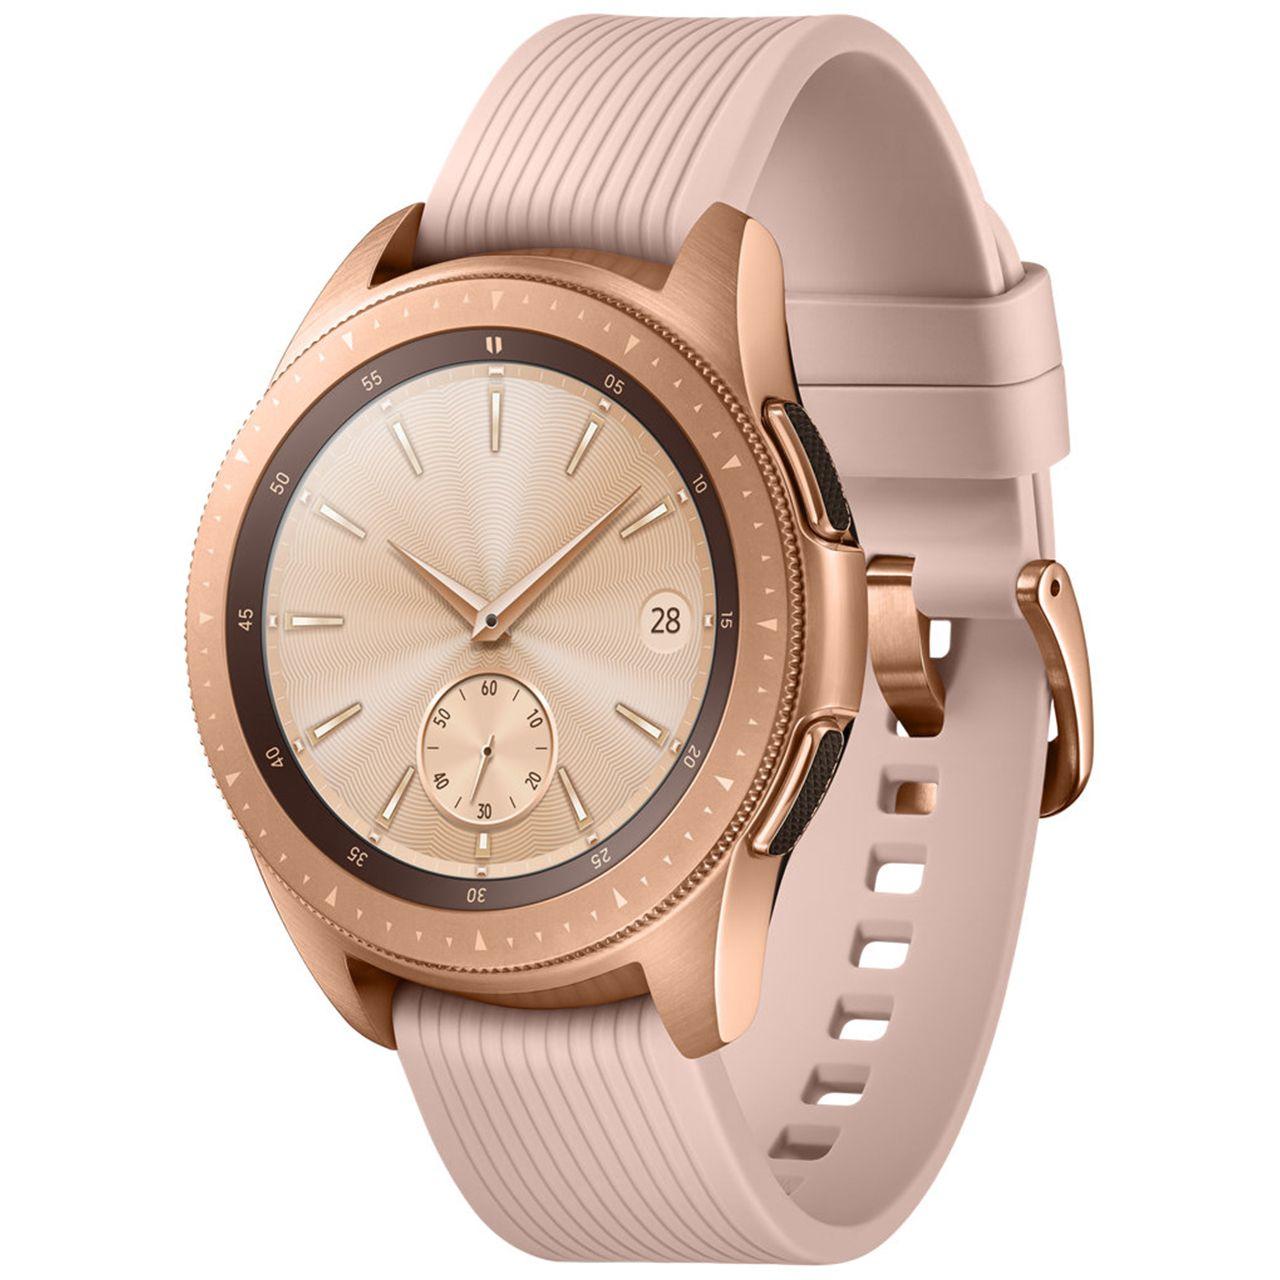 ساعت هوشمند سامسونگ مدل Galaxy Watch SM-R810